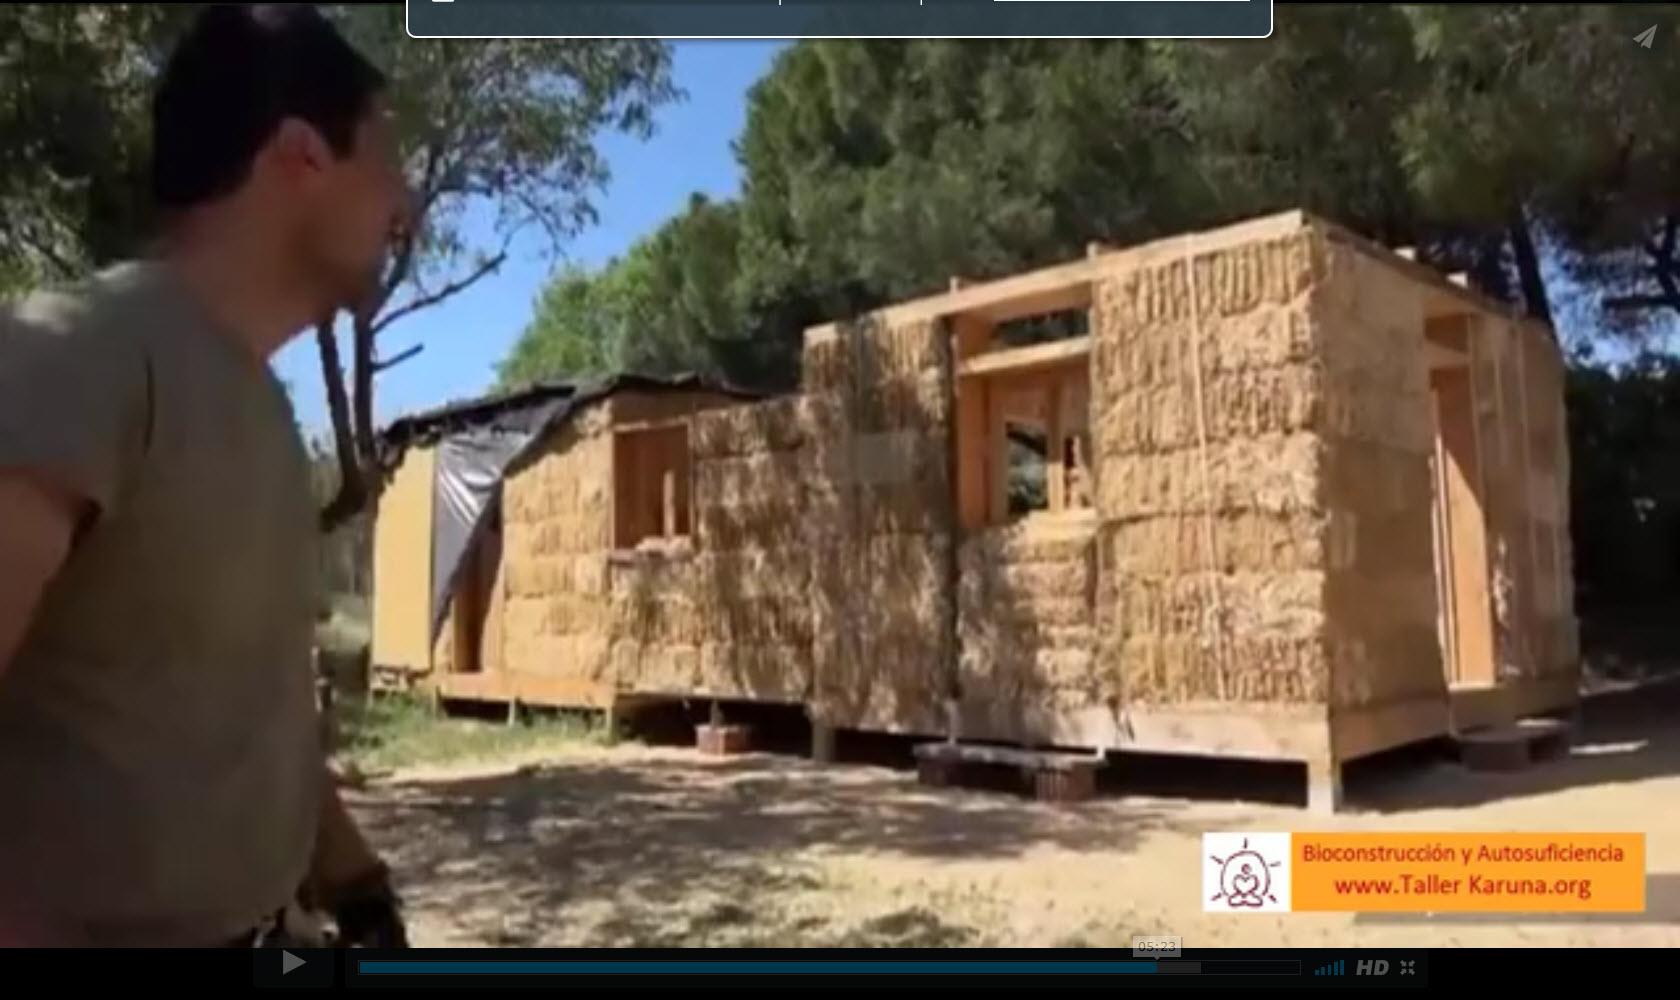 Vuelve la tele con las casas de paja for Construye tu casa online